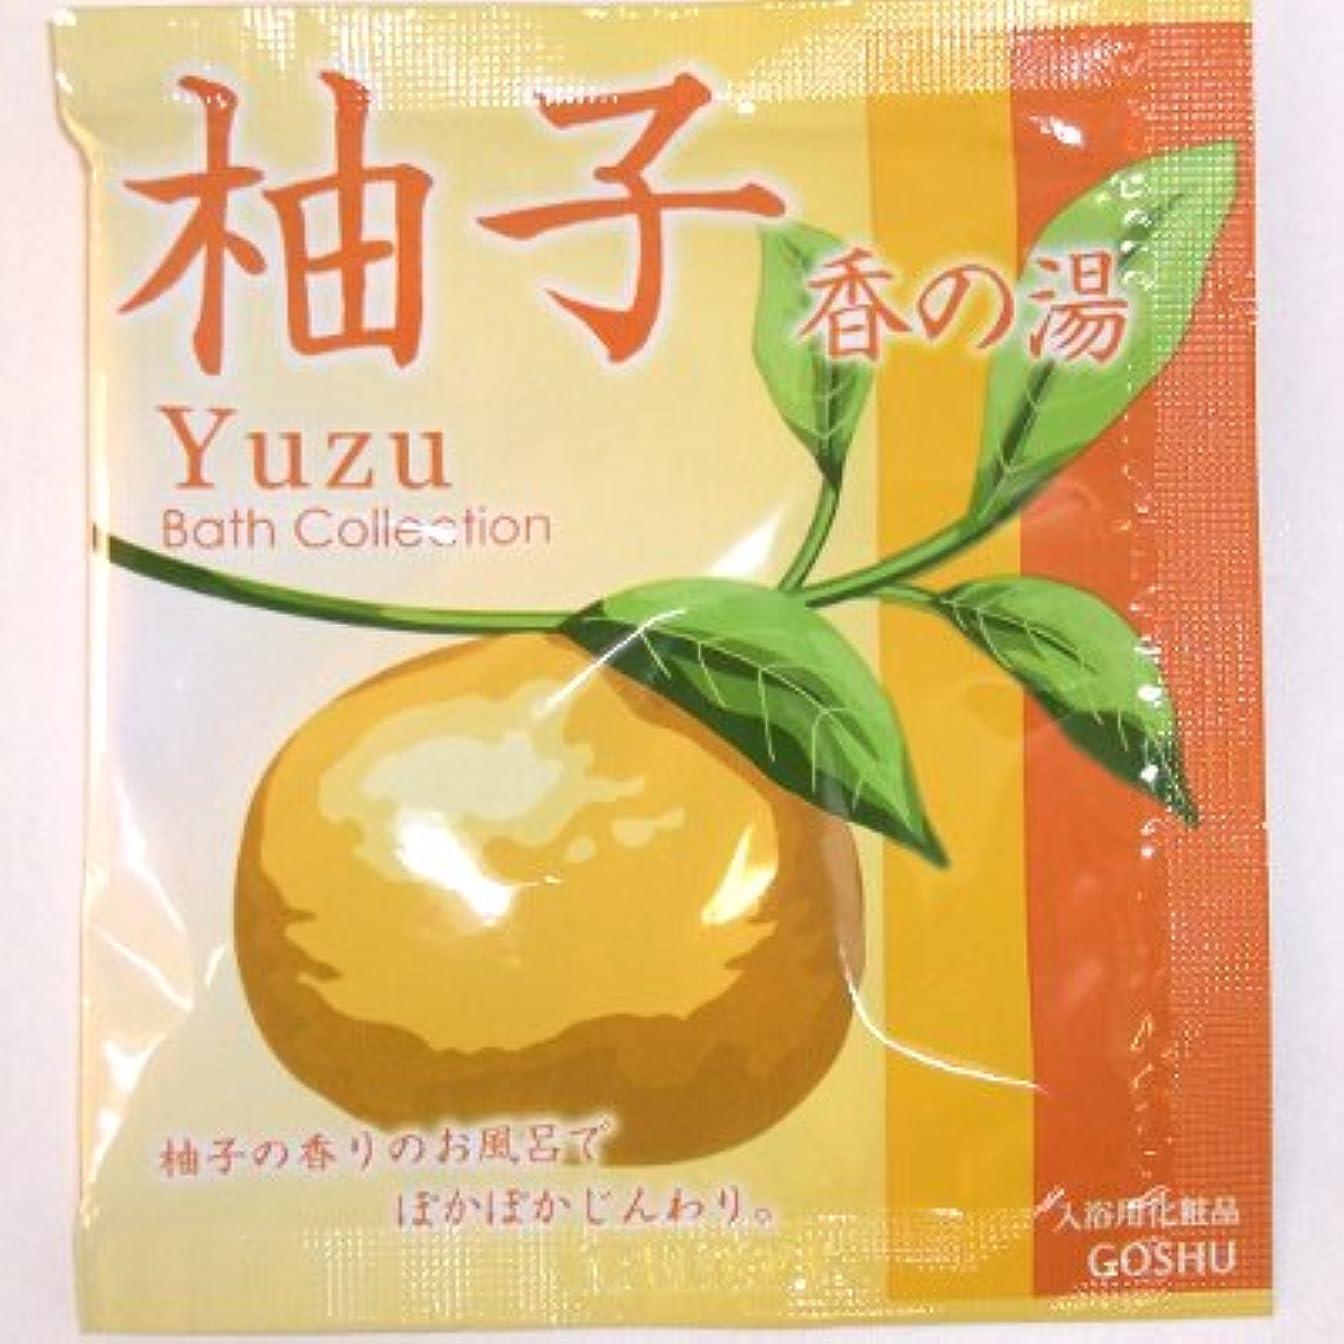 ジョージバーナード集計トチの実の木香の湯 柚子